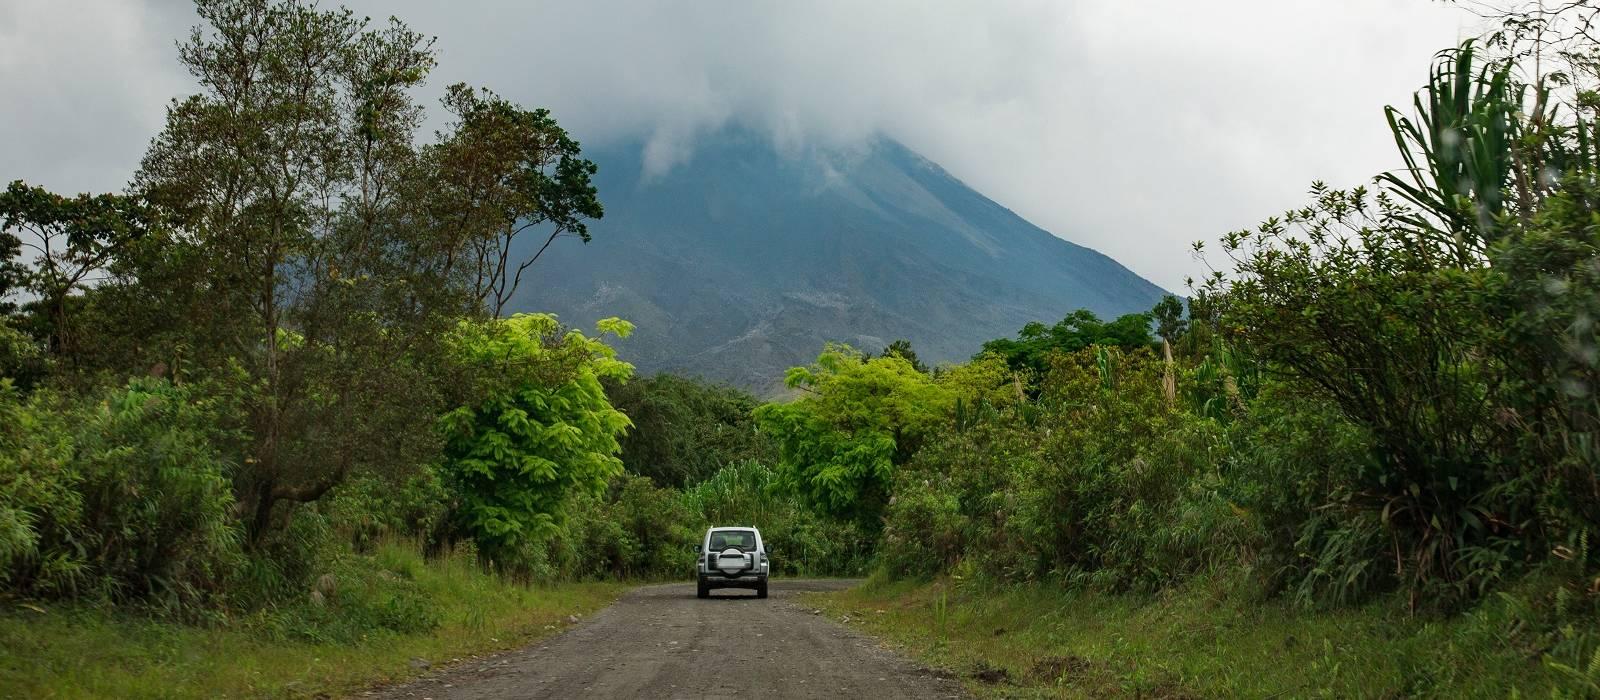 Costa Rica – Roadtrip abseits ausgetretener Pfade Urlaub 1